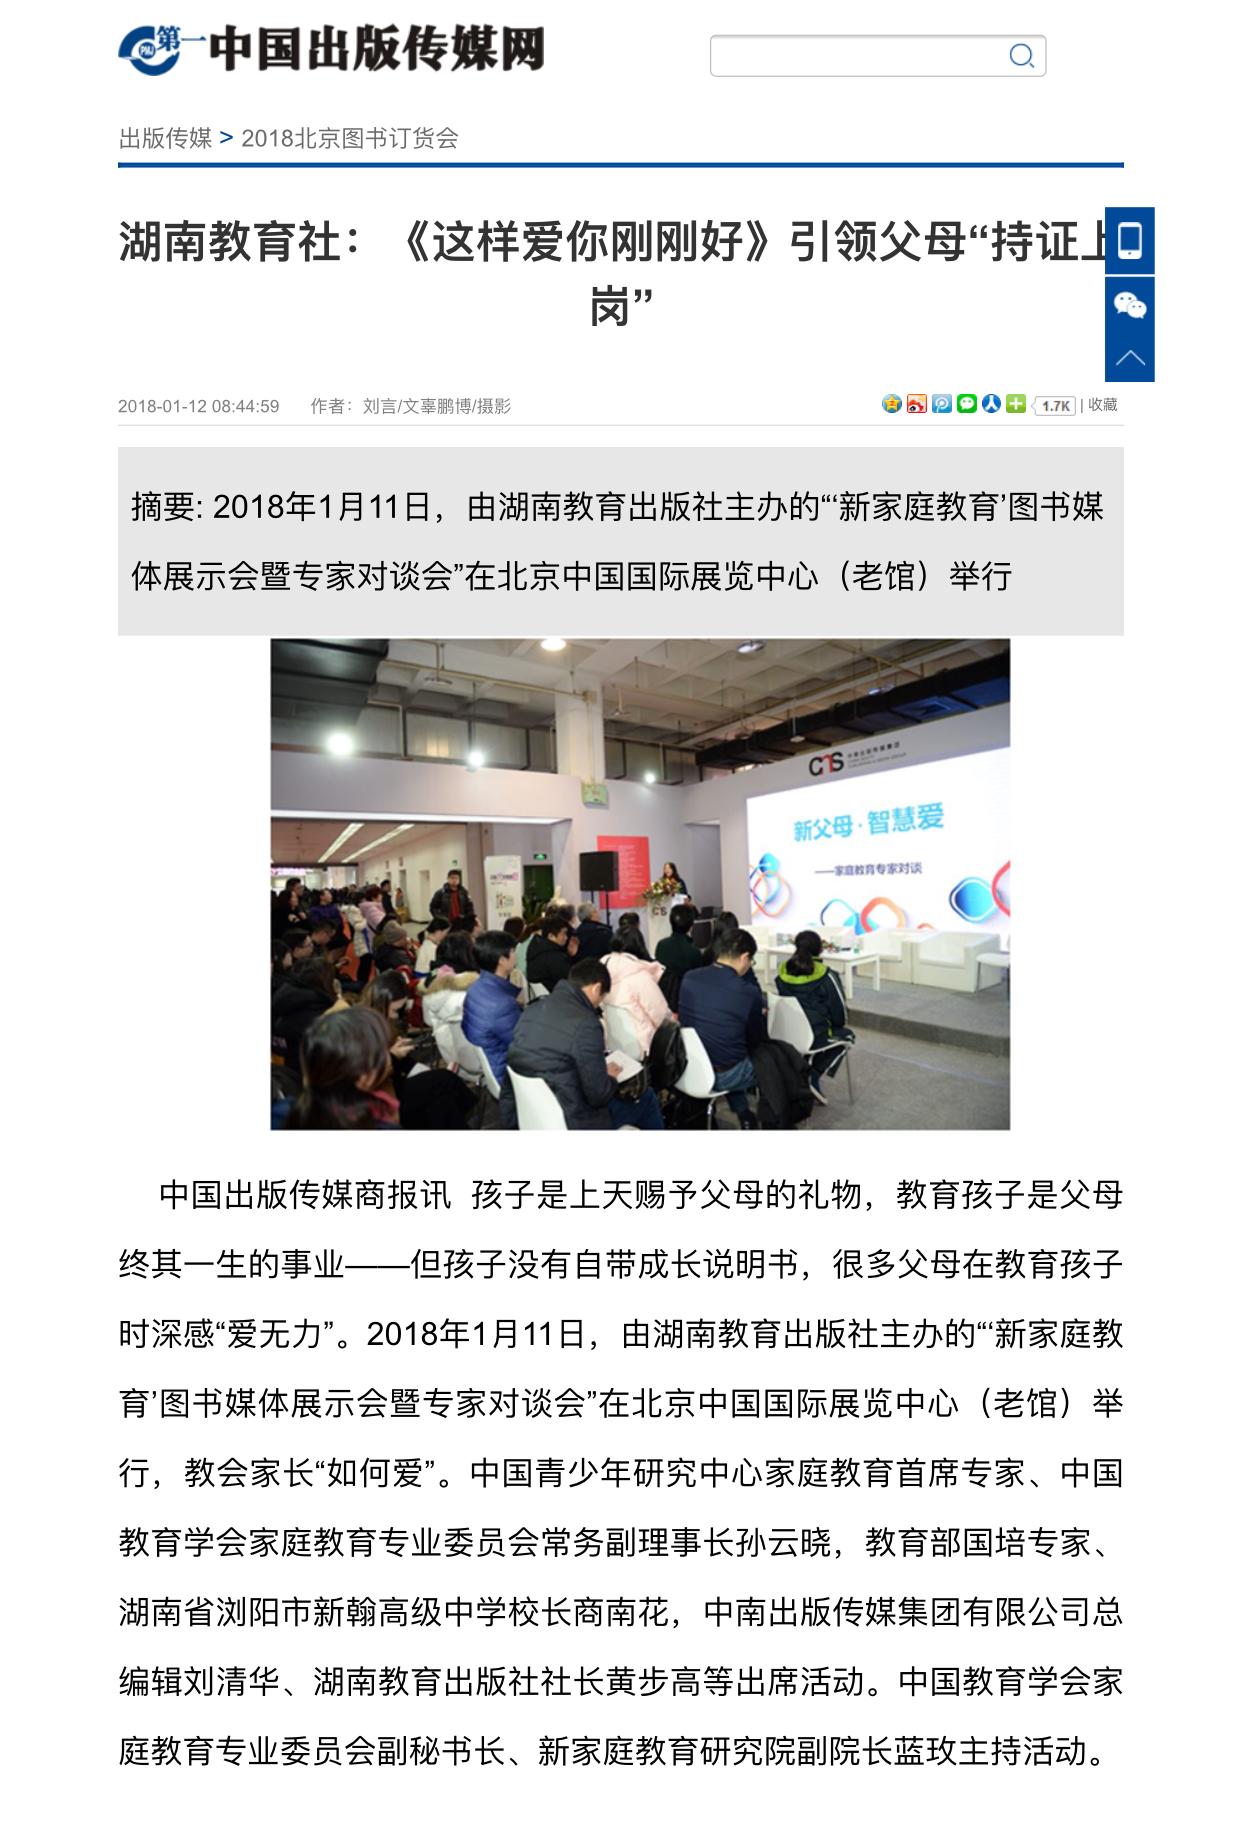 中国出版传媒网.jpg